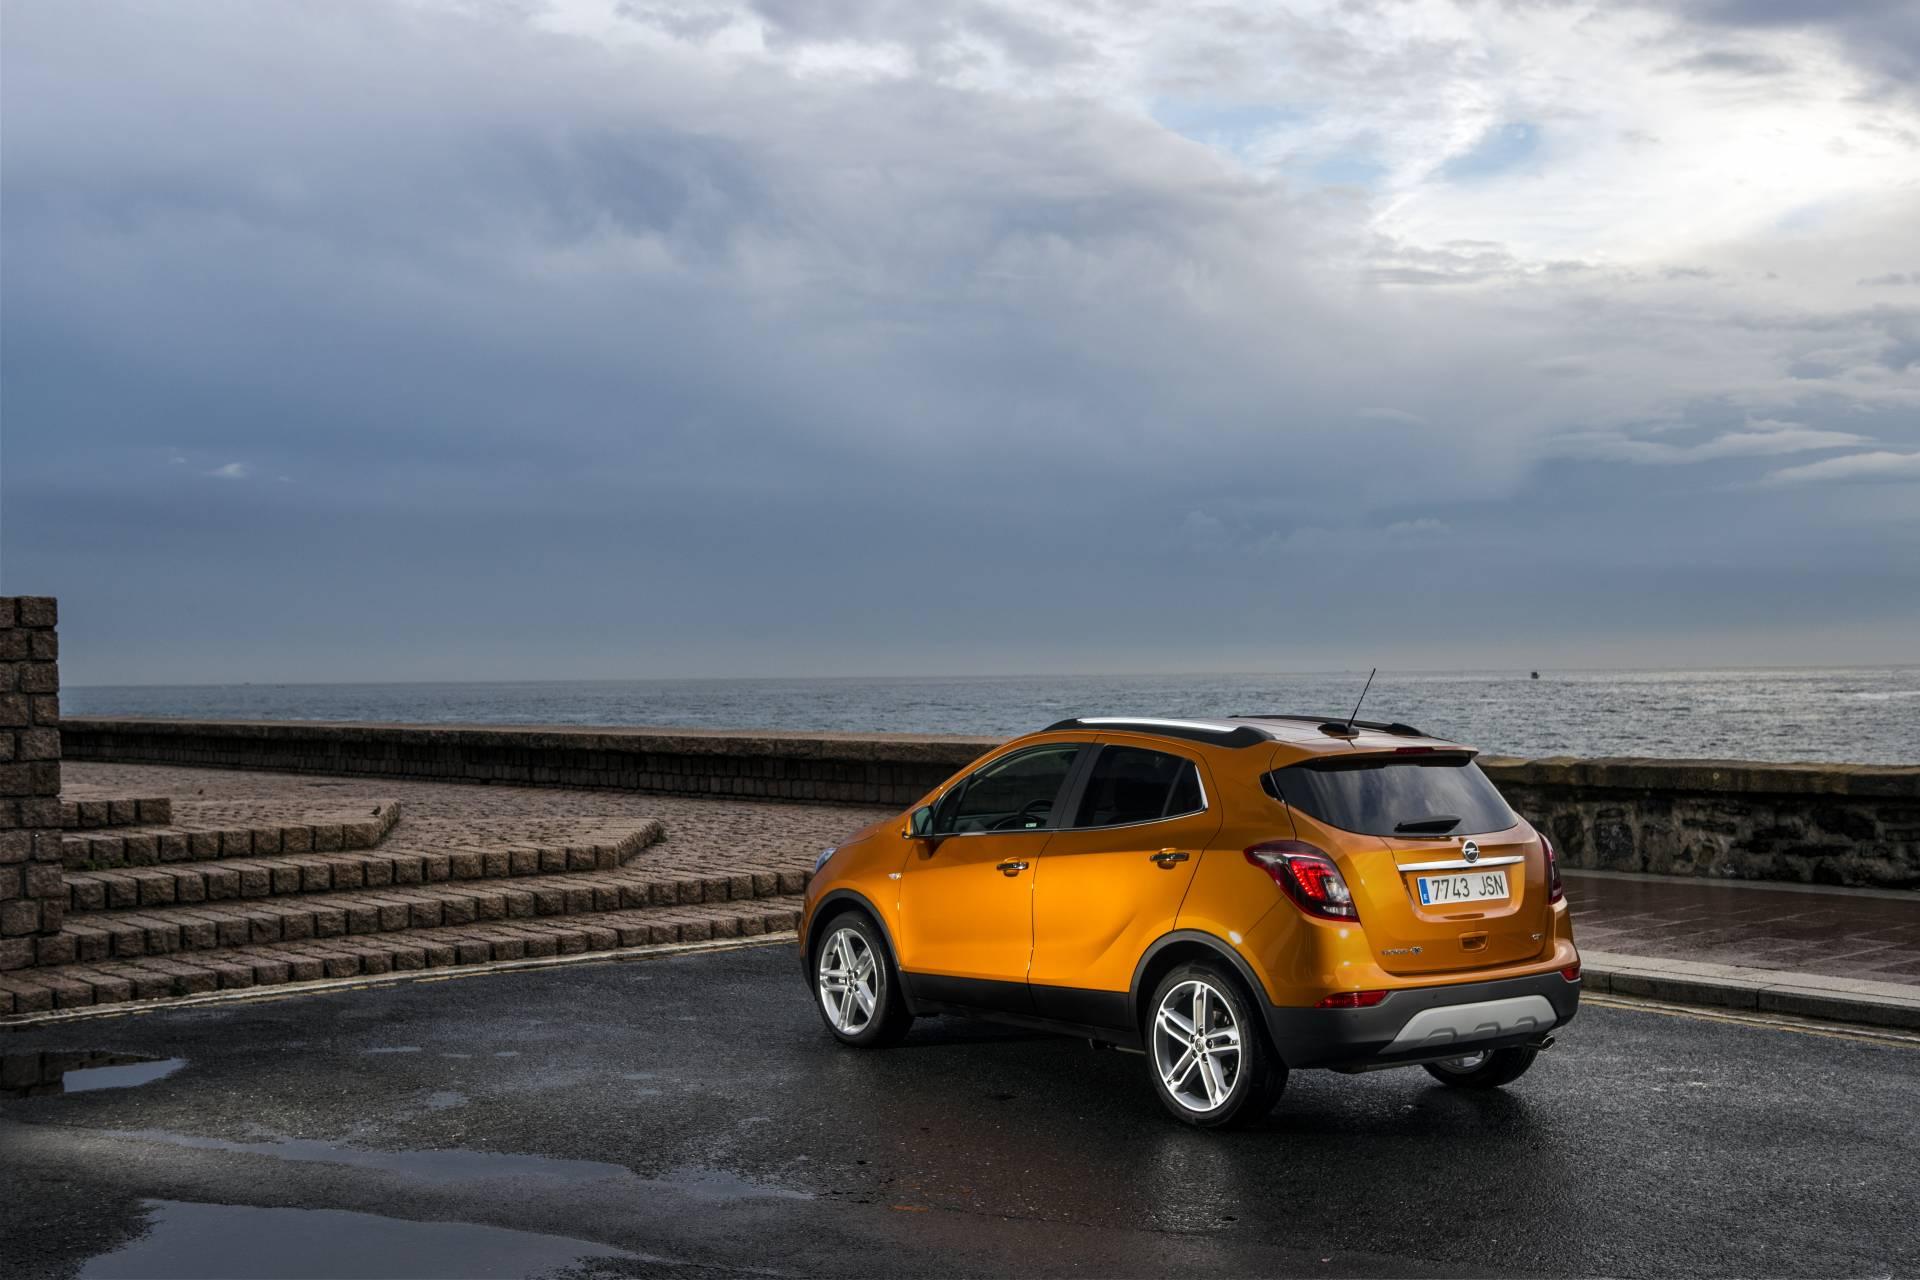 Dada su vocación de todo camino o SUV, el Mokka X se ofrece con tracción delantera y con un sistema adaptativo de tracción integral.